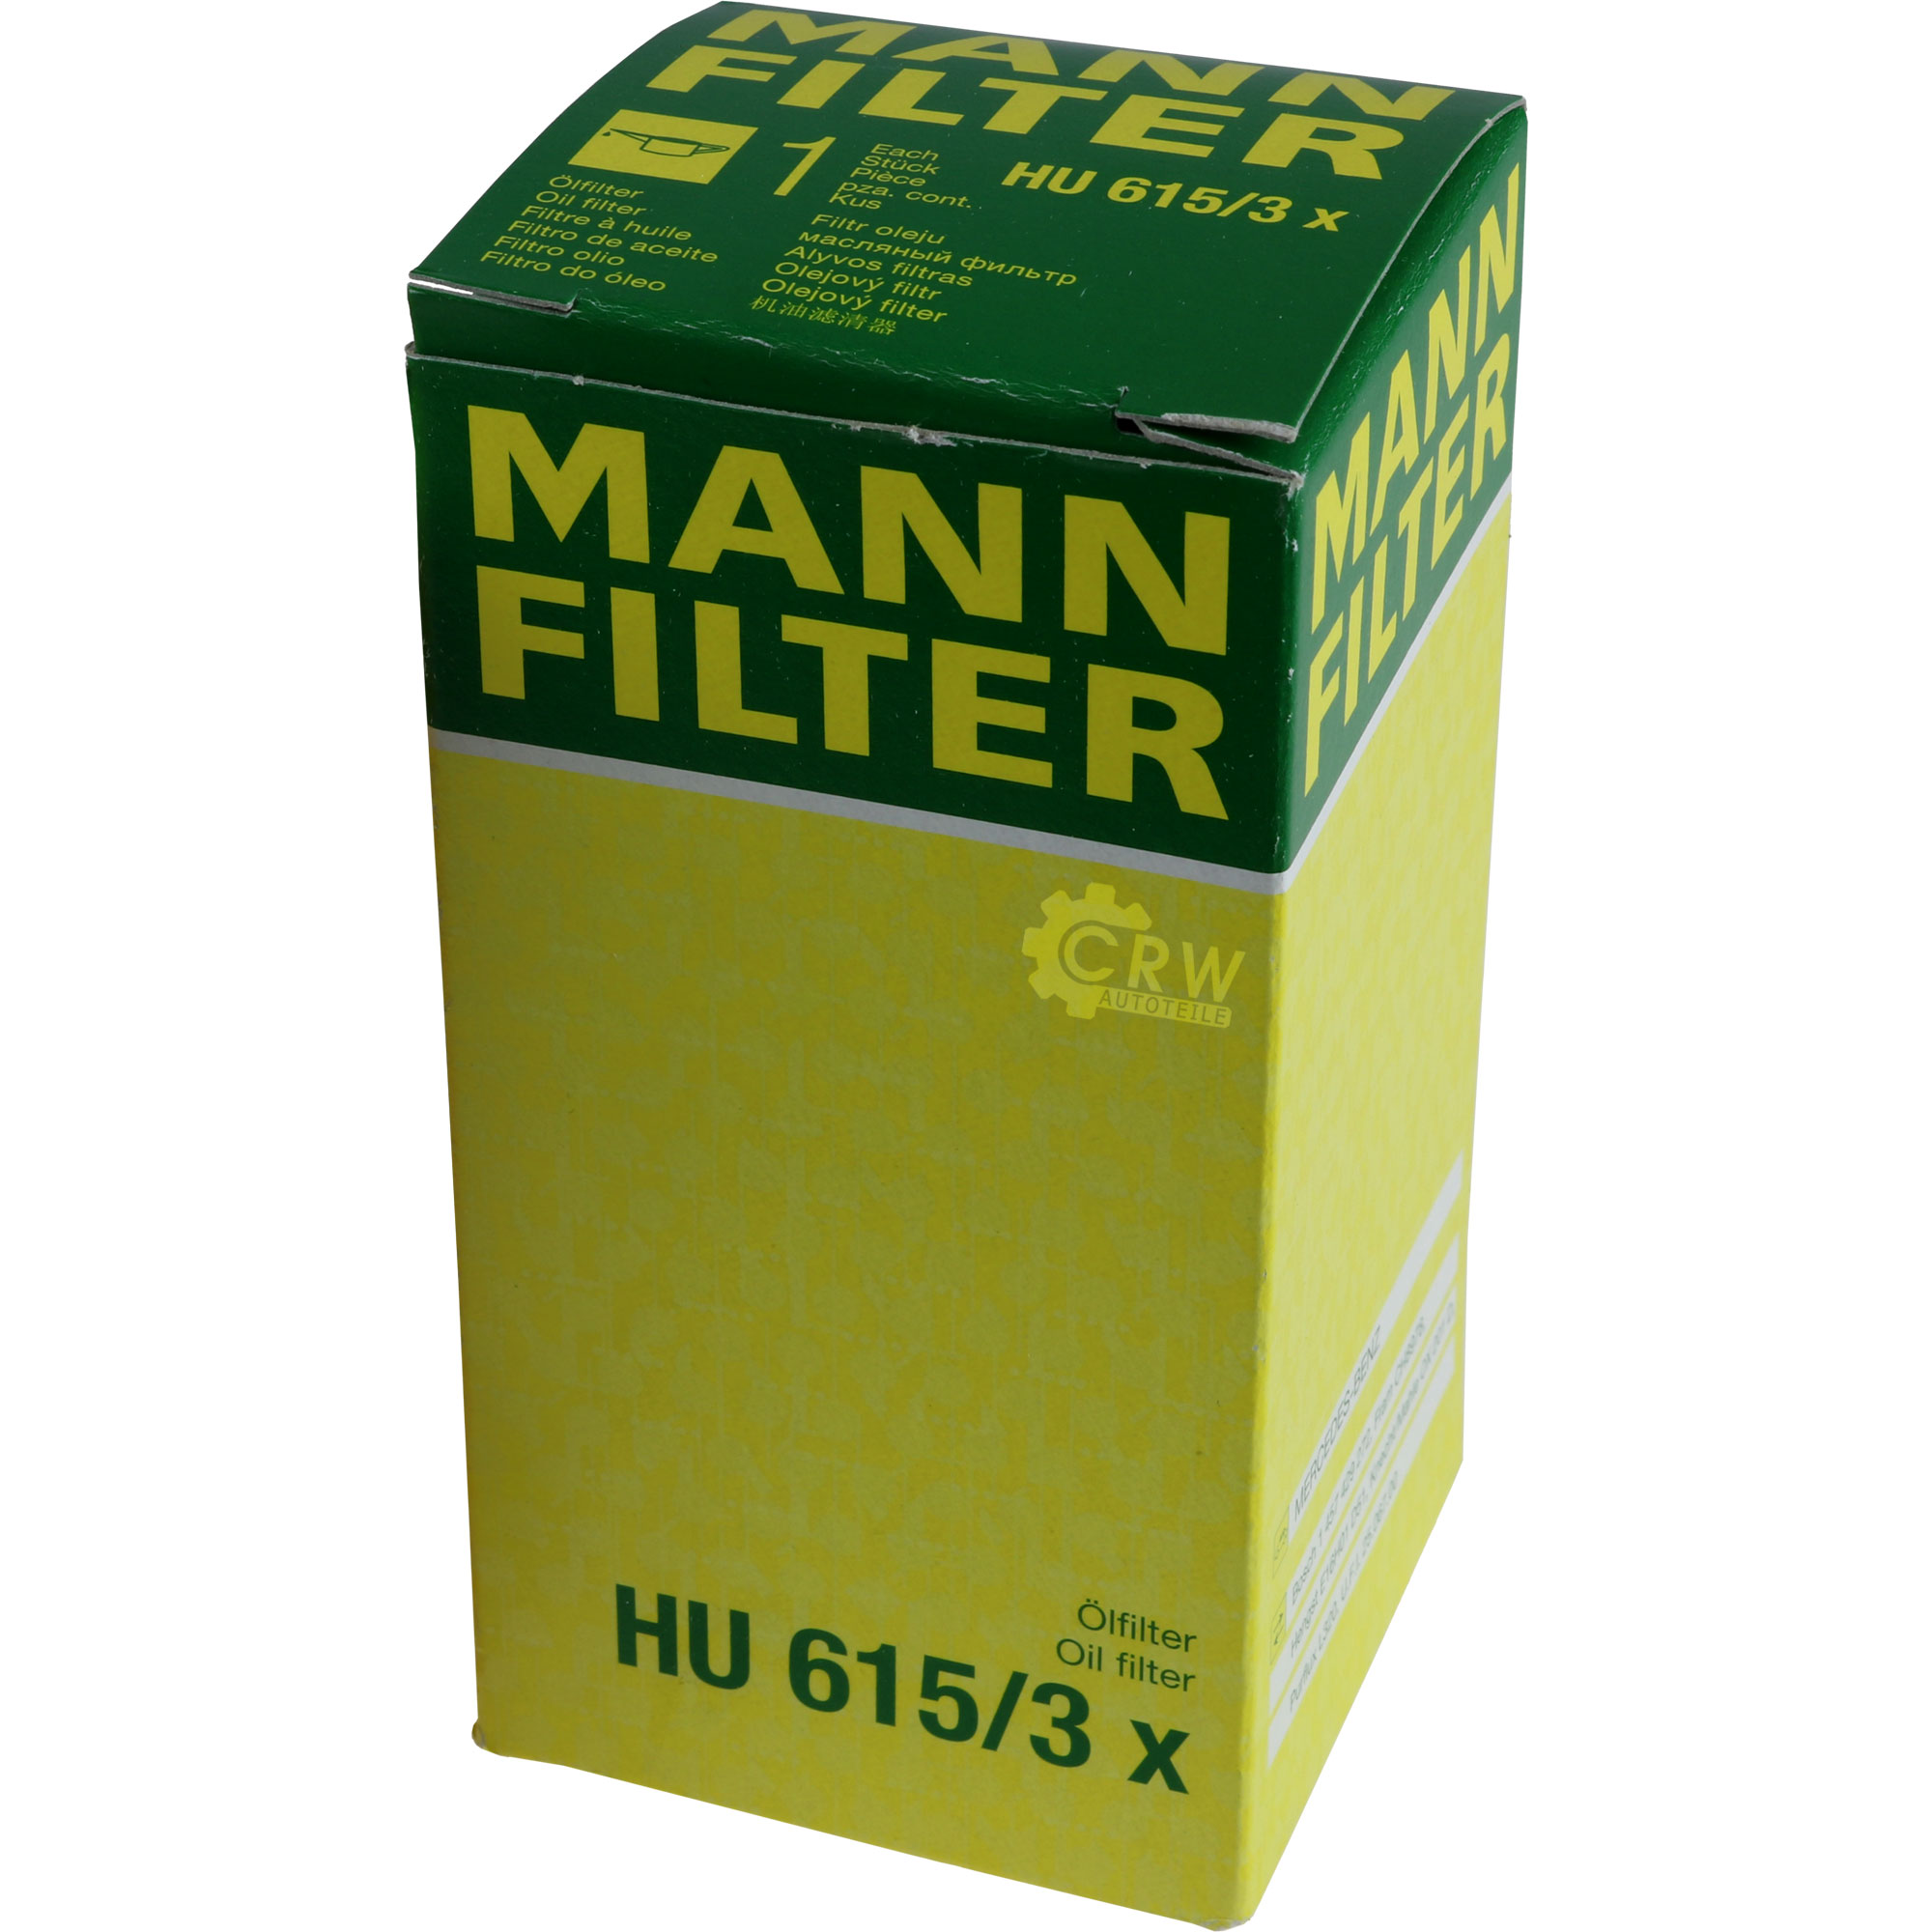 Inspektionspaket-5L-Mercedes-Ol-229-51-5W30-MANN-Filterpaket-11104090 Indexbild 9